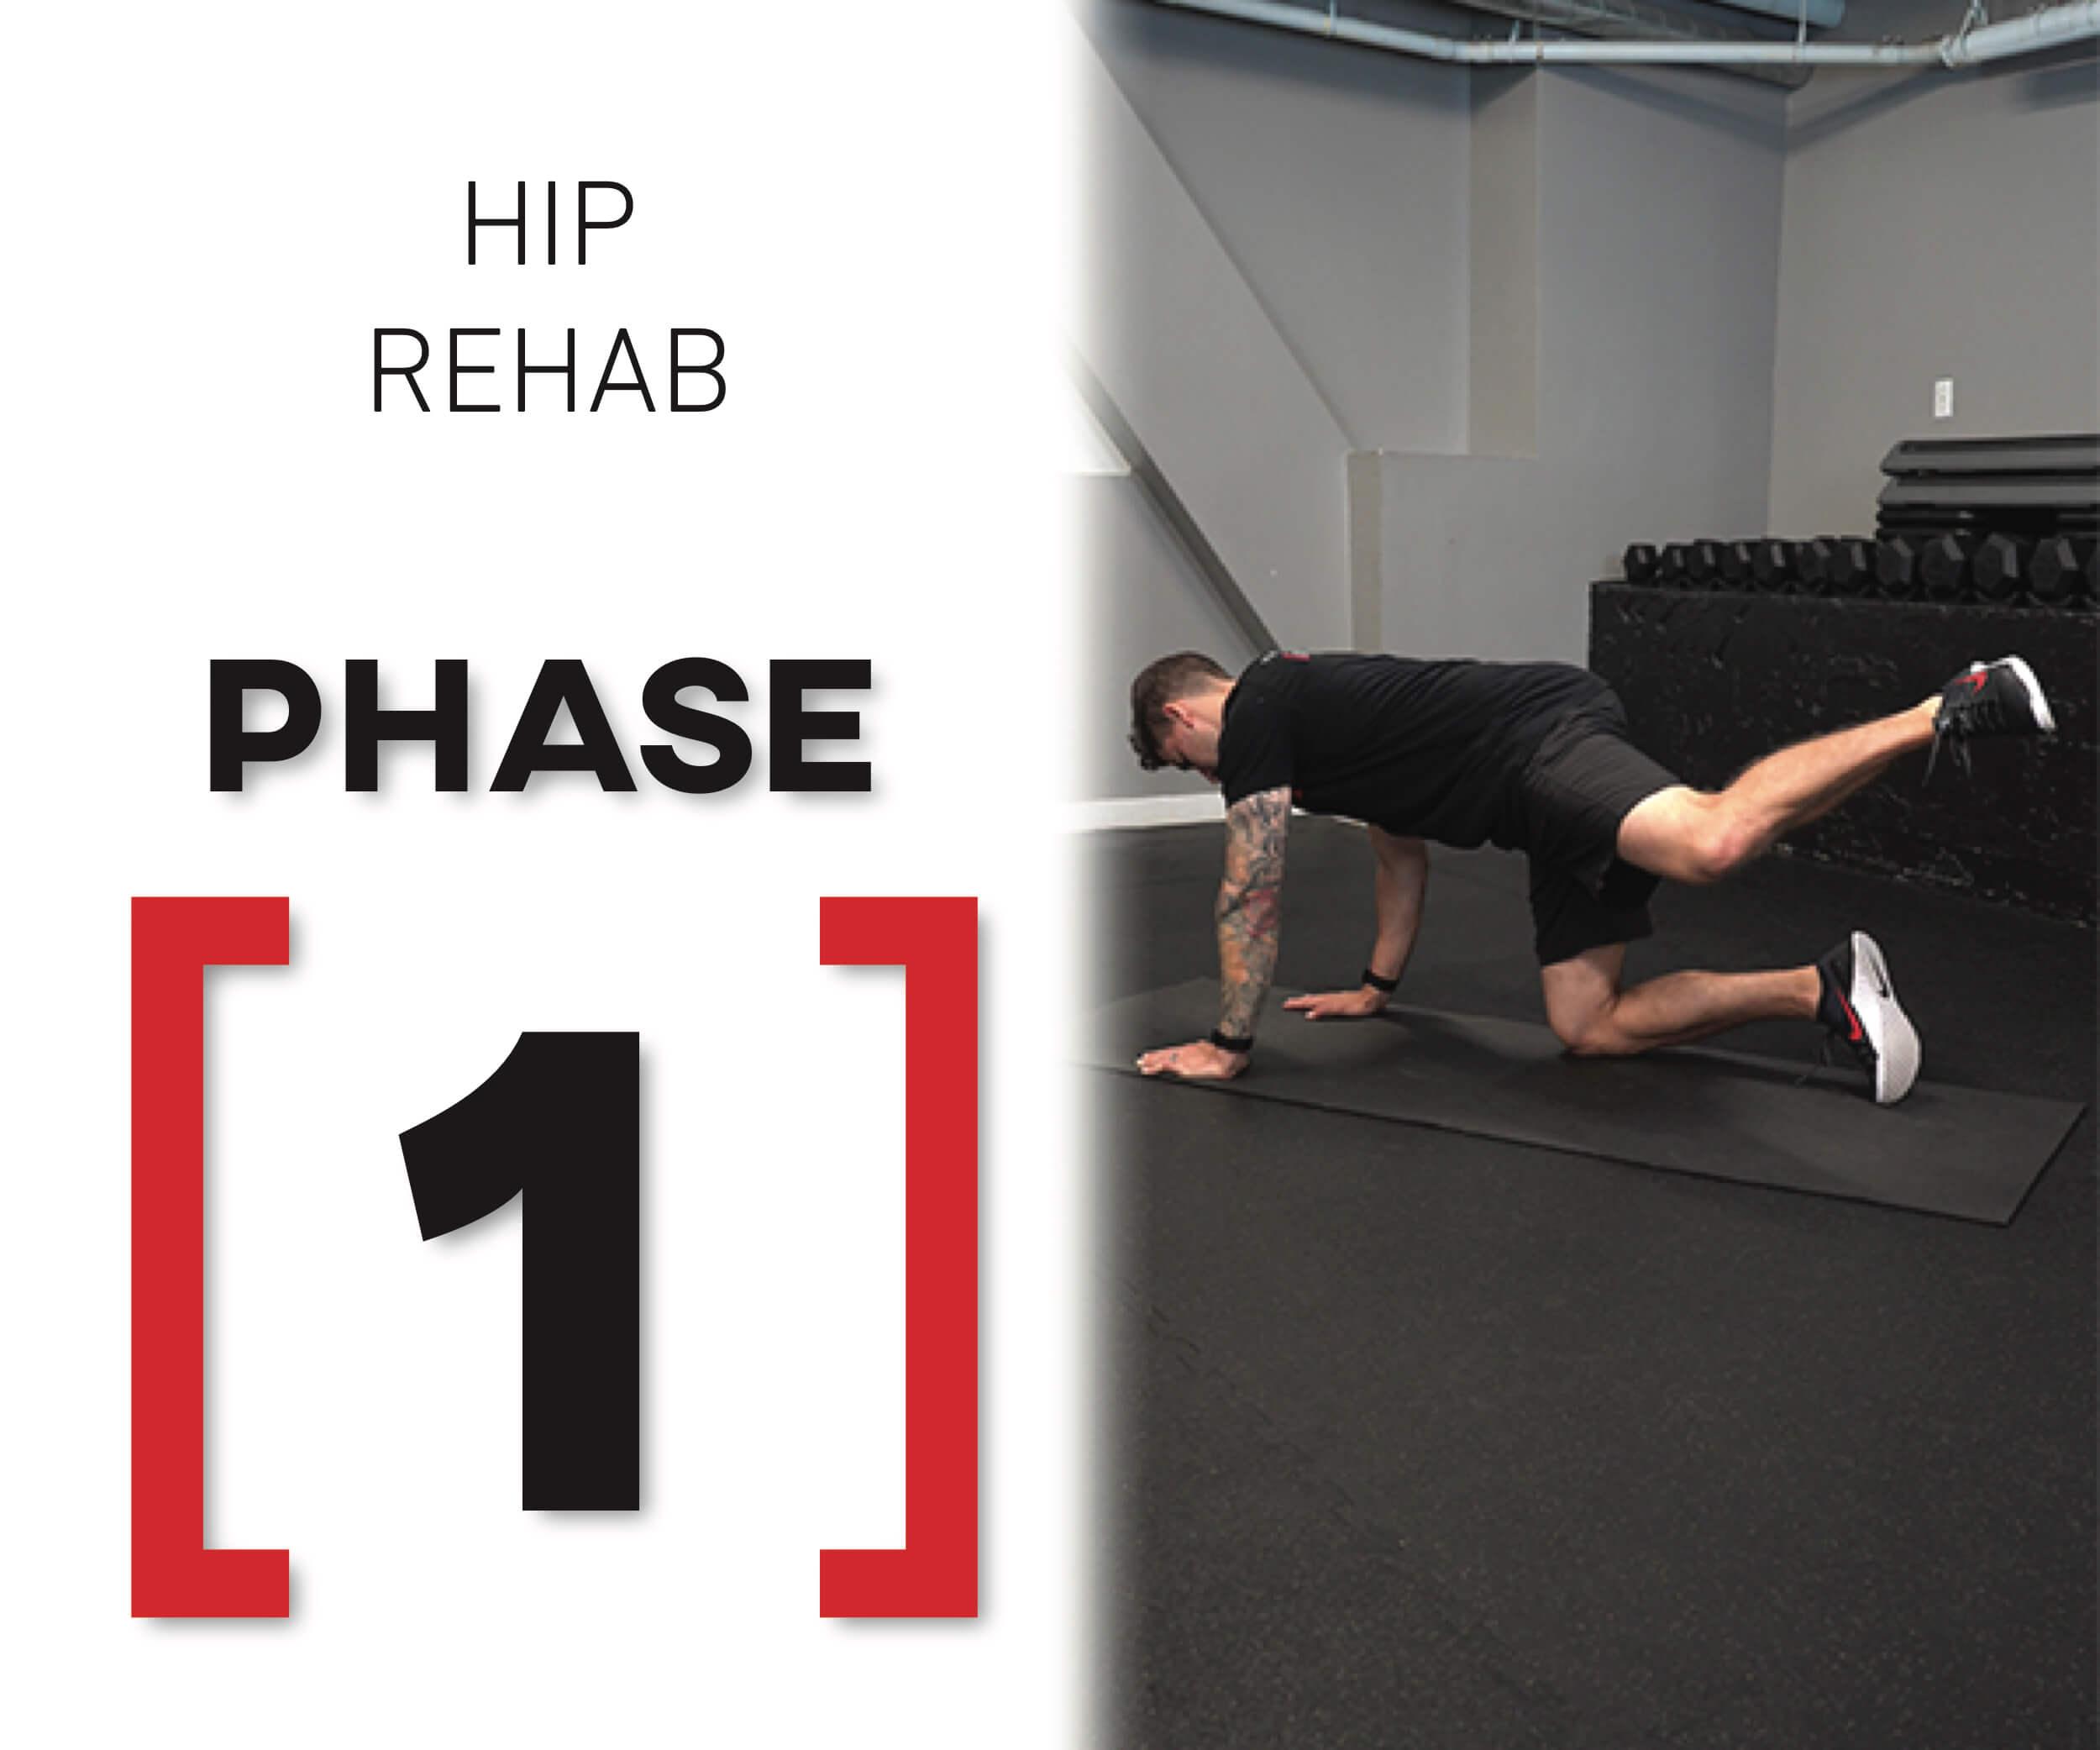 hip prehab program hip rehab phase 1